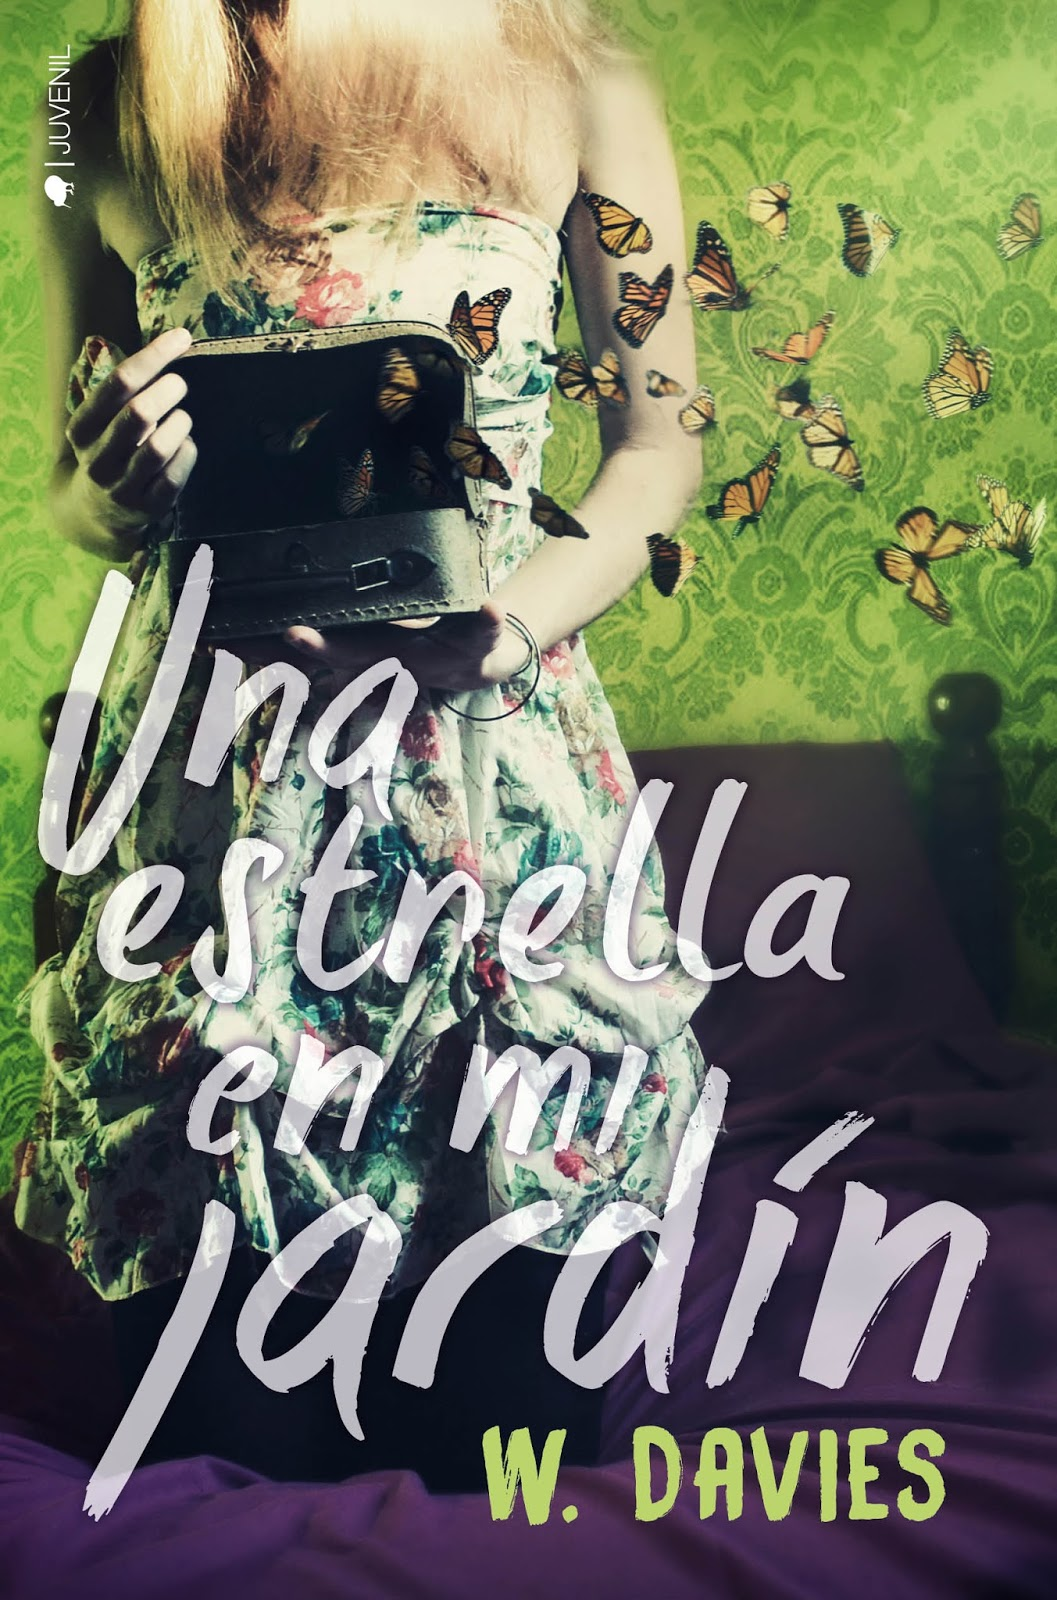 http://labibliotecadebella.blogspot.com/2015/08/una-estrella-en-mi-jardin-wd.html